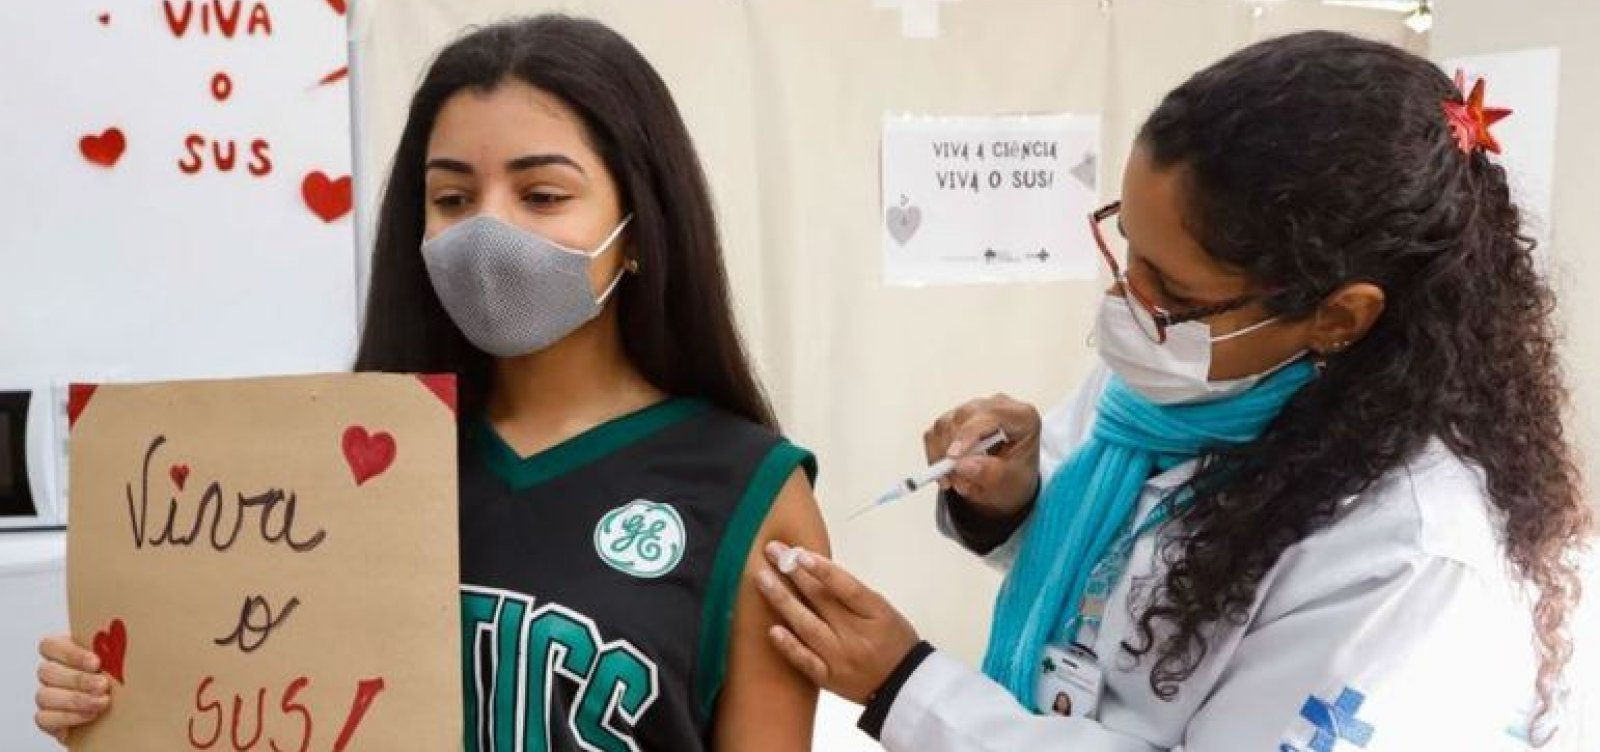 Vacinação contra Covid avança para adolescentes com 14 anos em Salvador